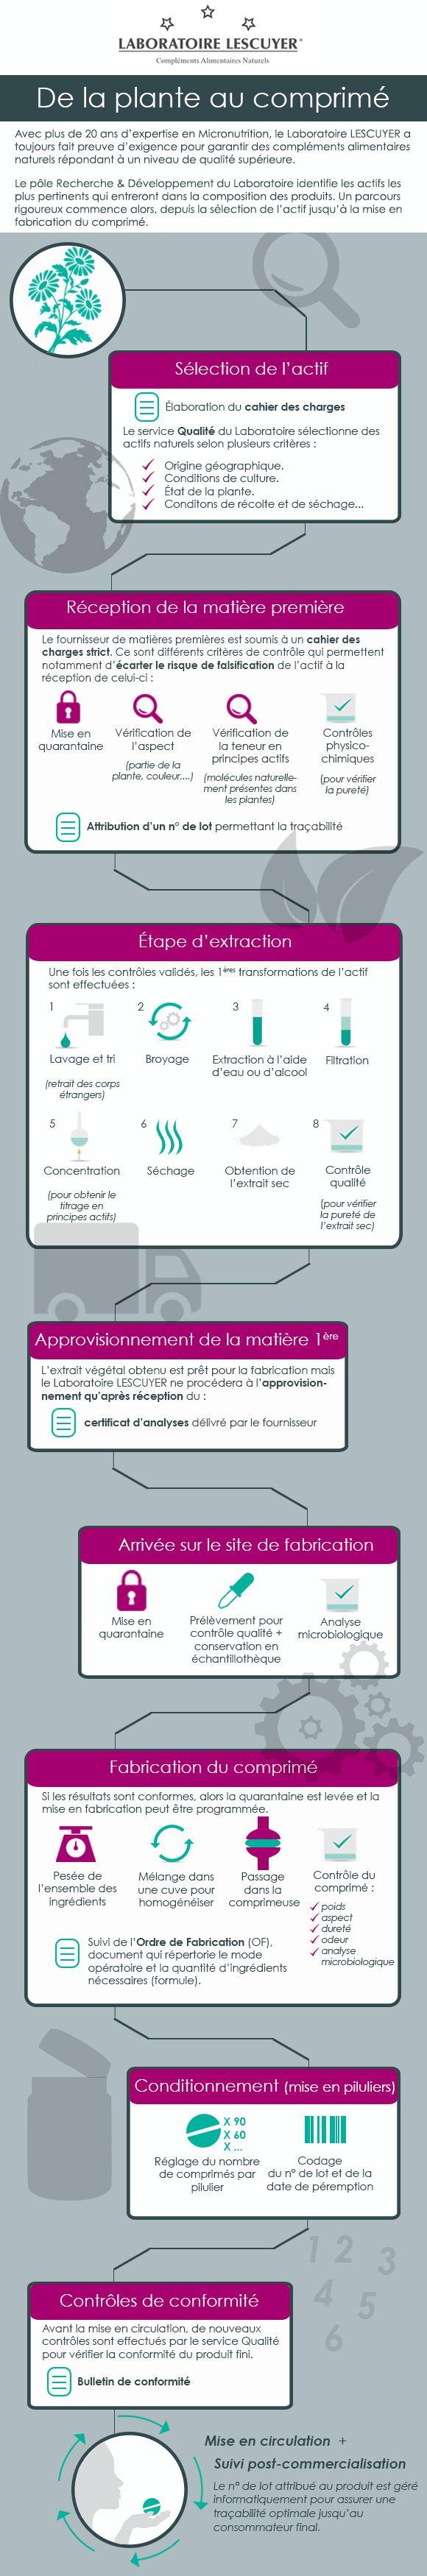 #infographie - De la plante au comprimé